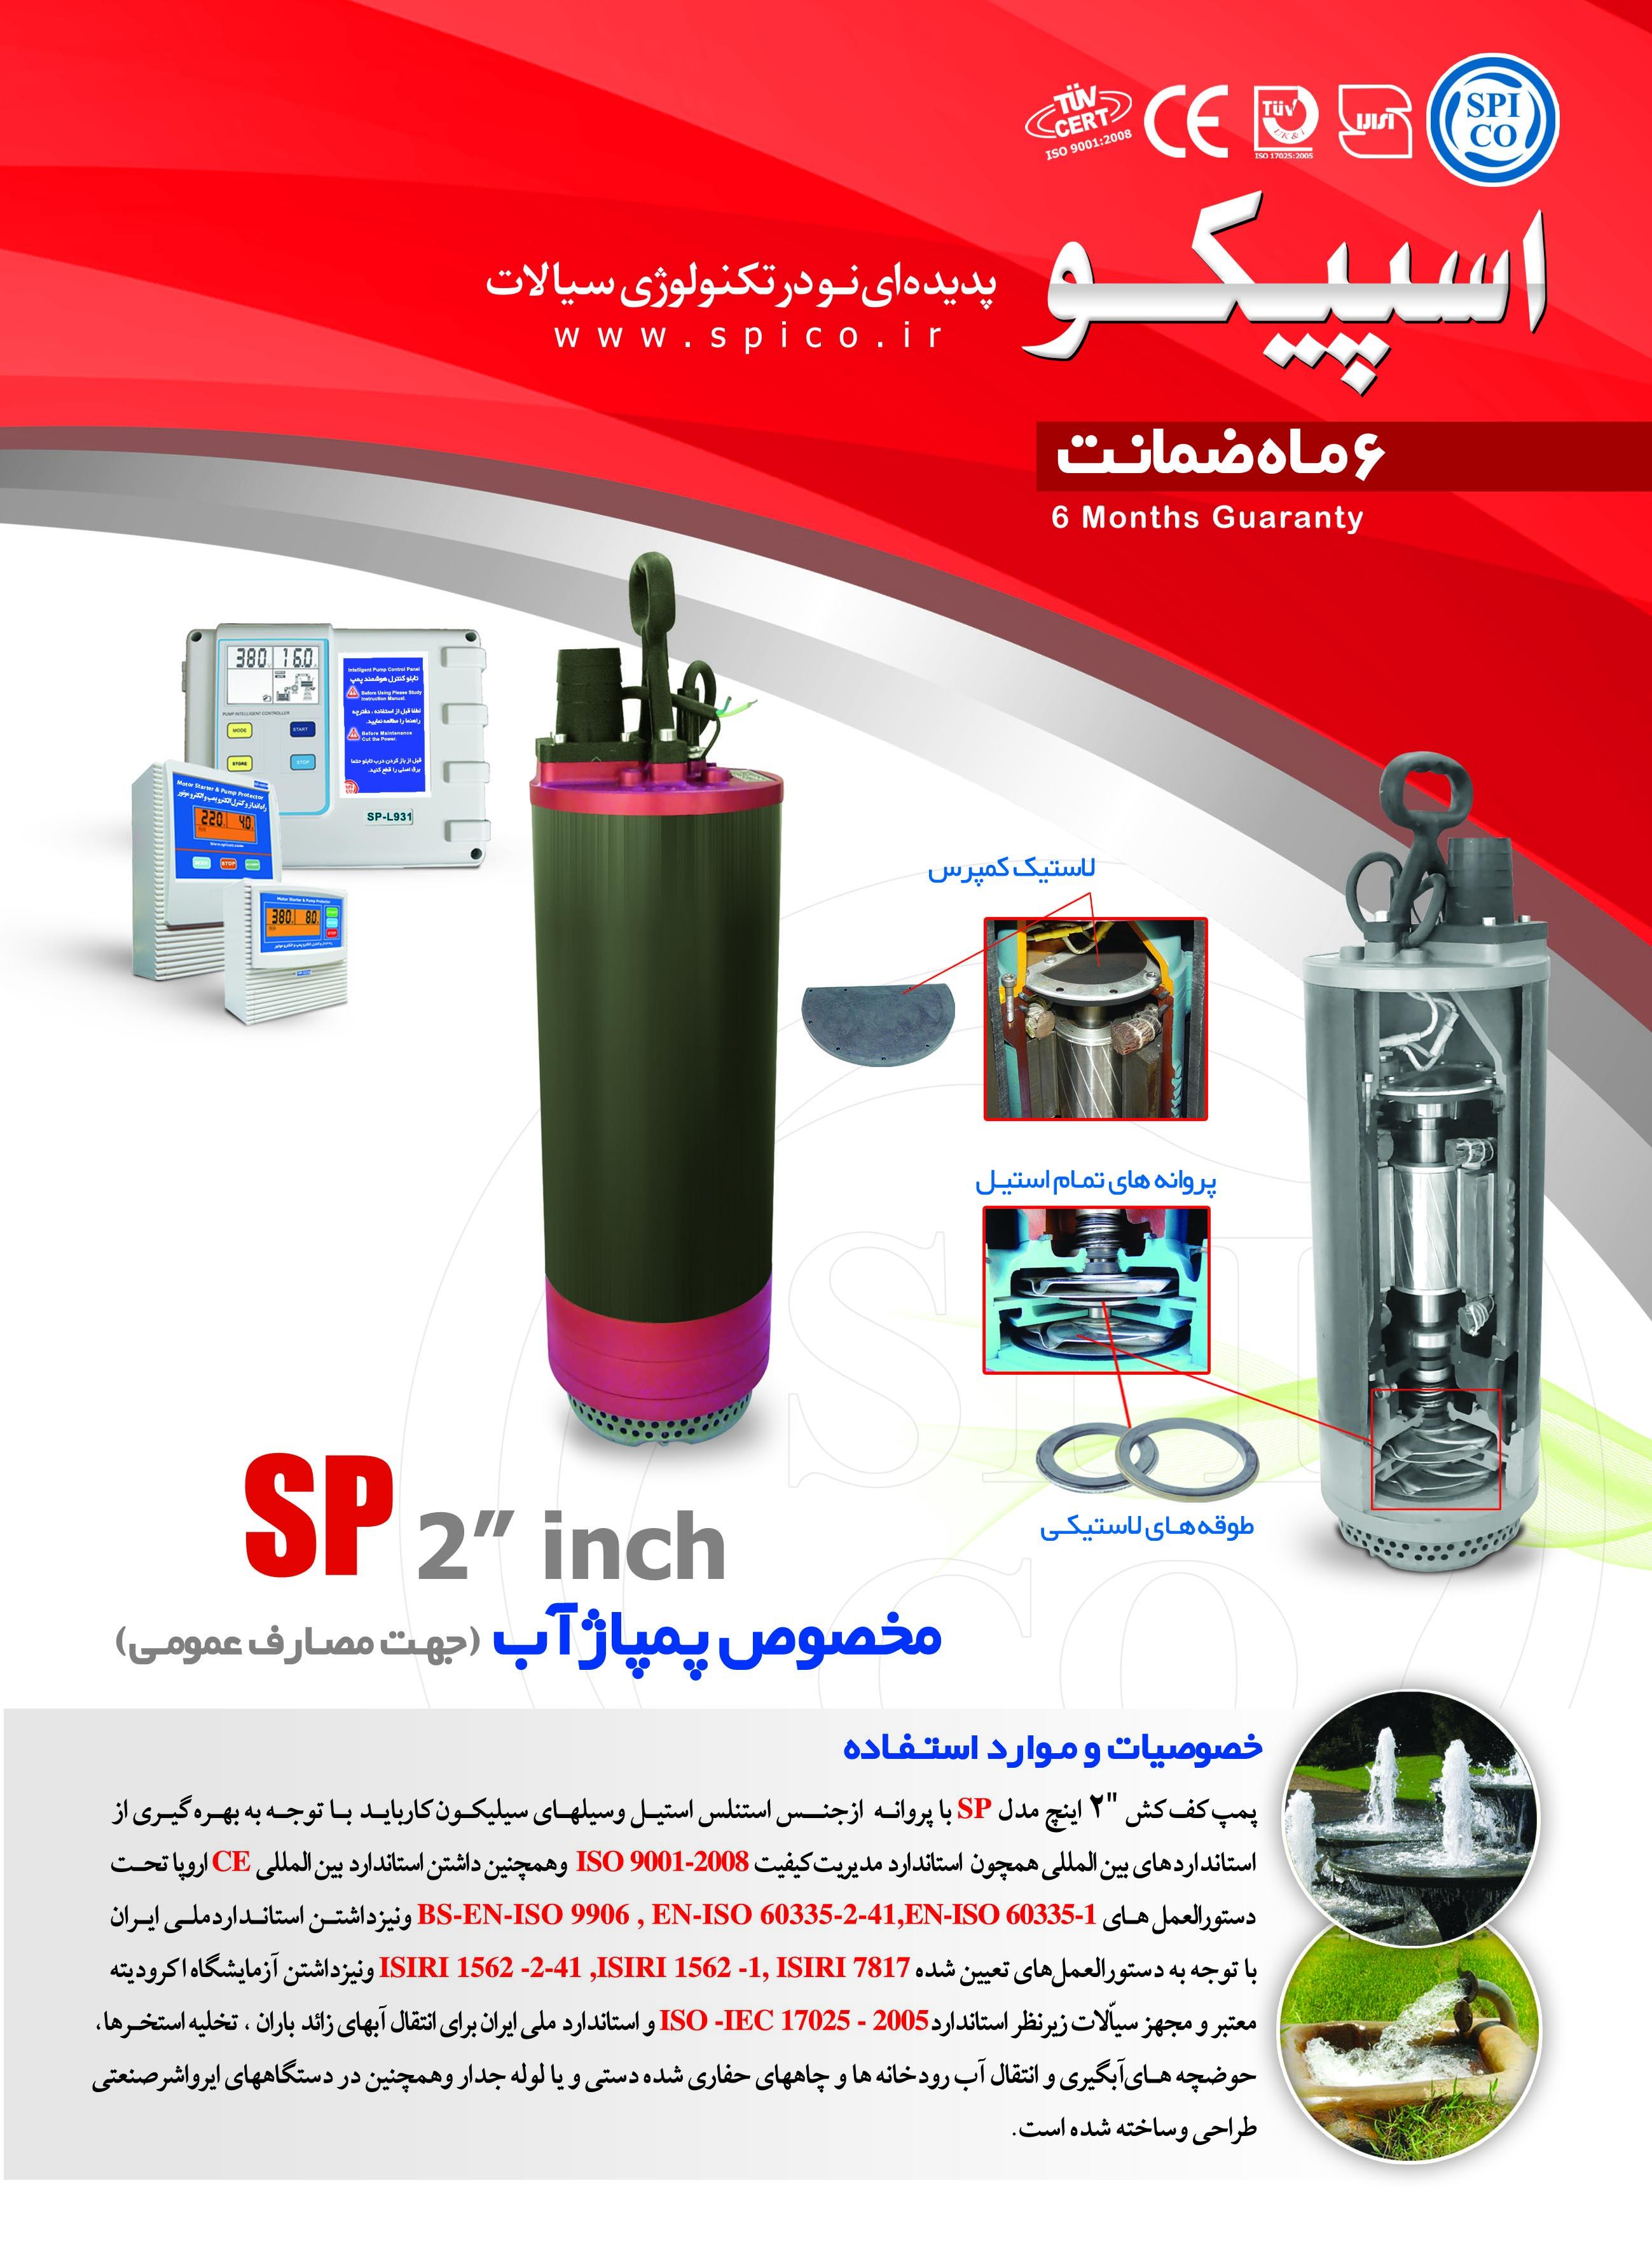 پمپ های کفکش اینچ SP-2